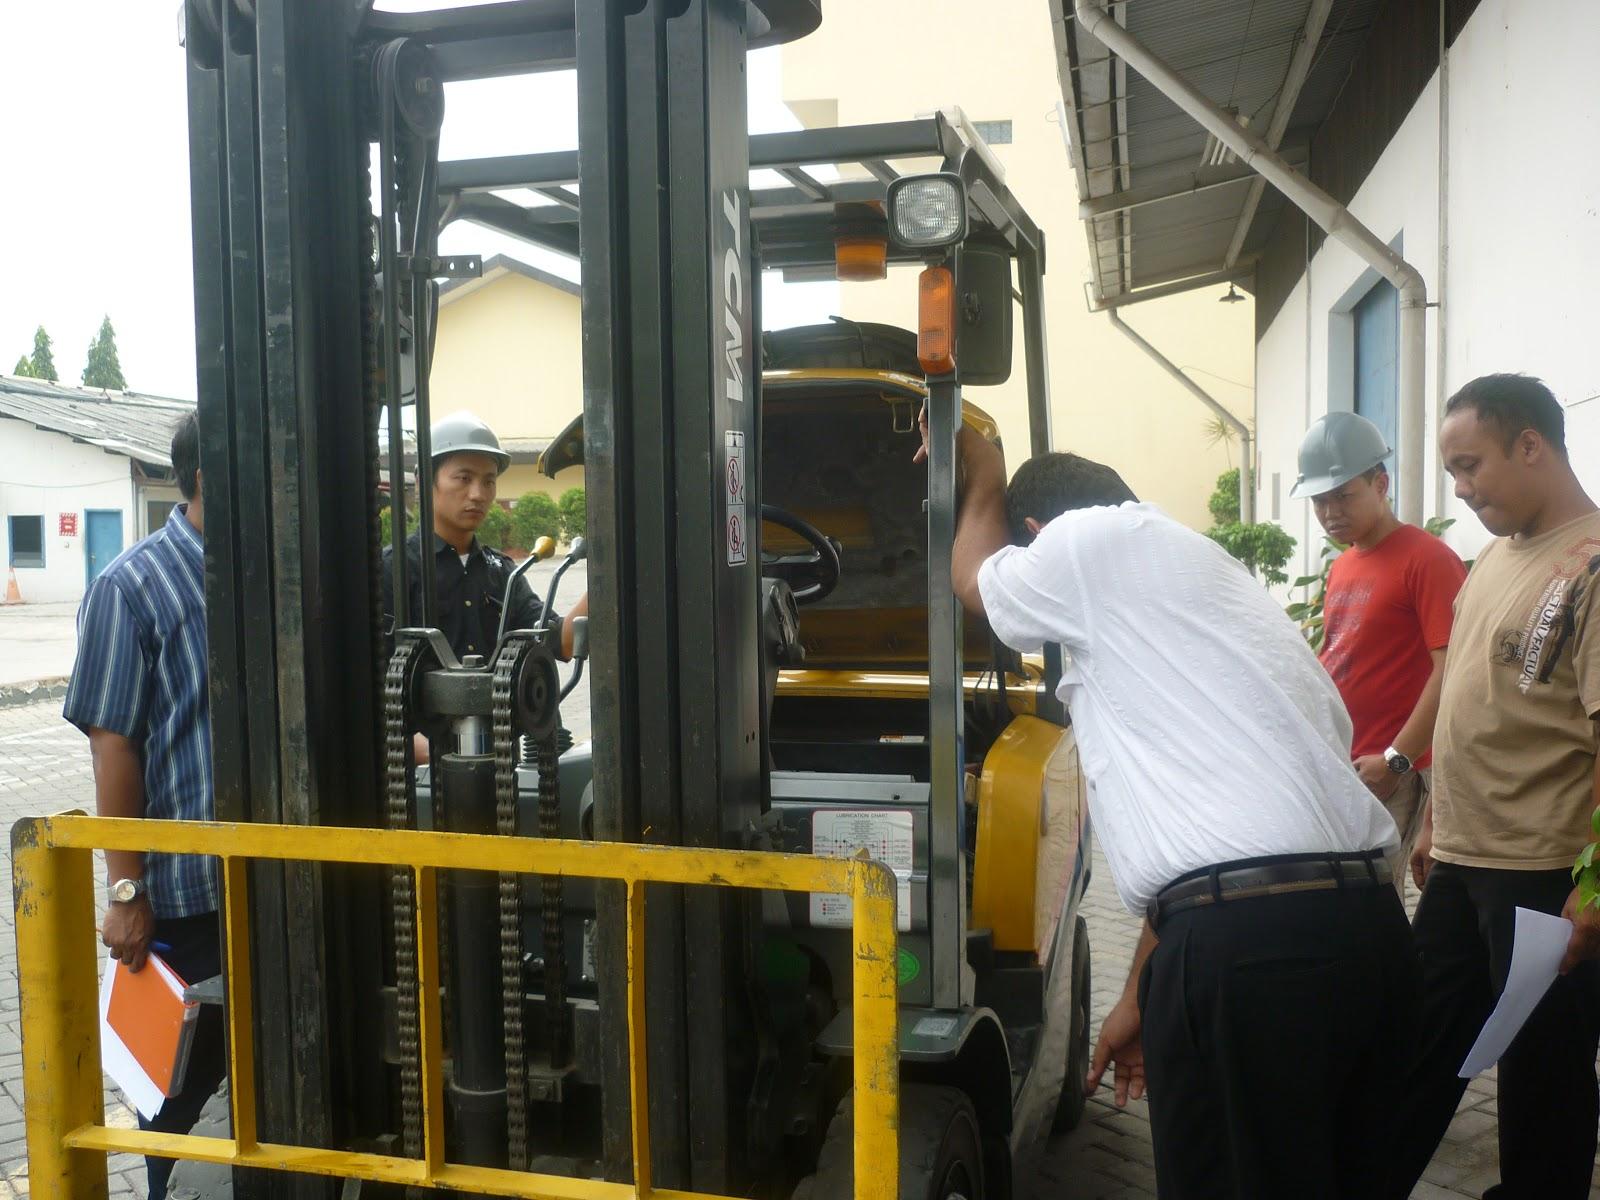 Peserta pelatihan melakukan inspeksi dan checklist terhadap mesin